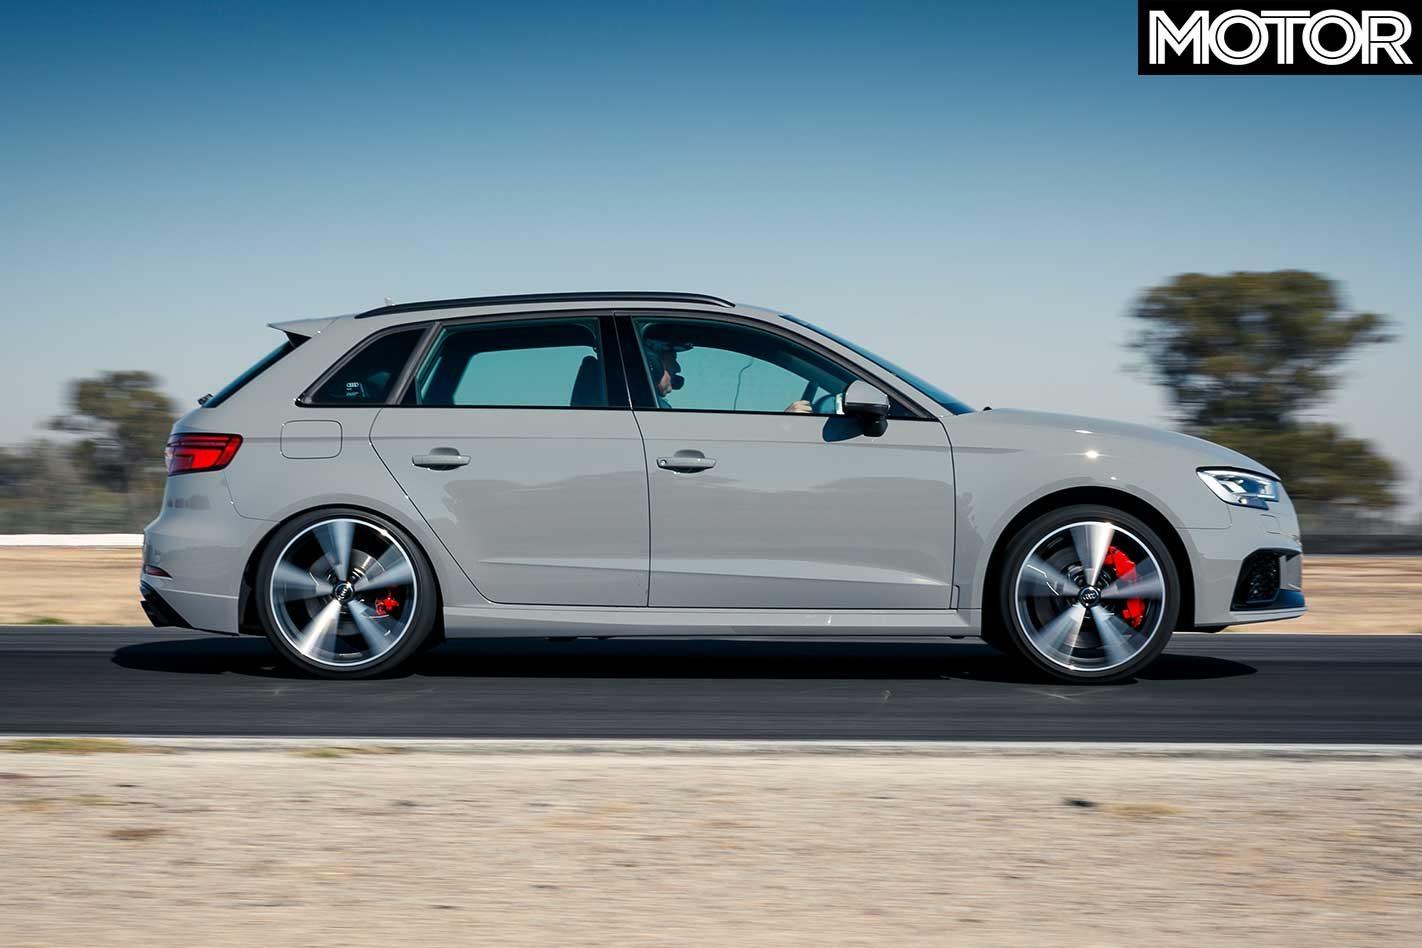 Kelebihan Audi Rs3 Sportback 2018 Perbandingan Harga